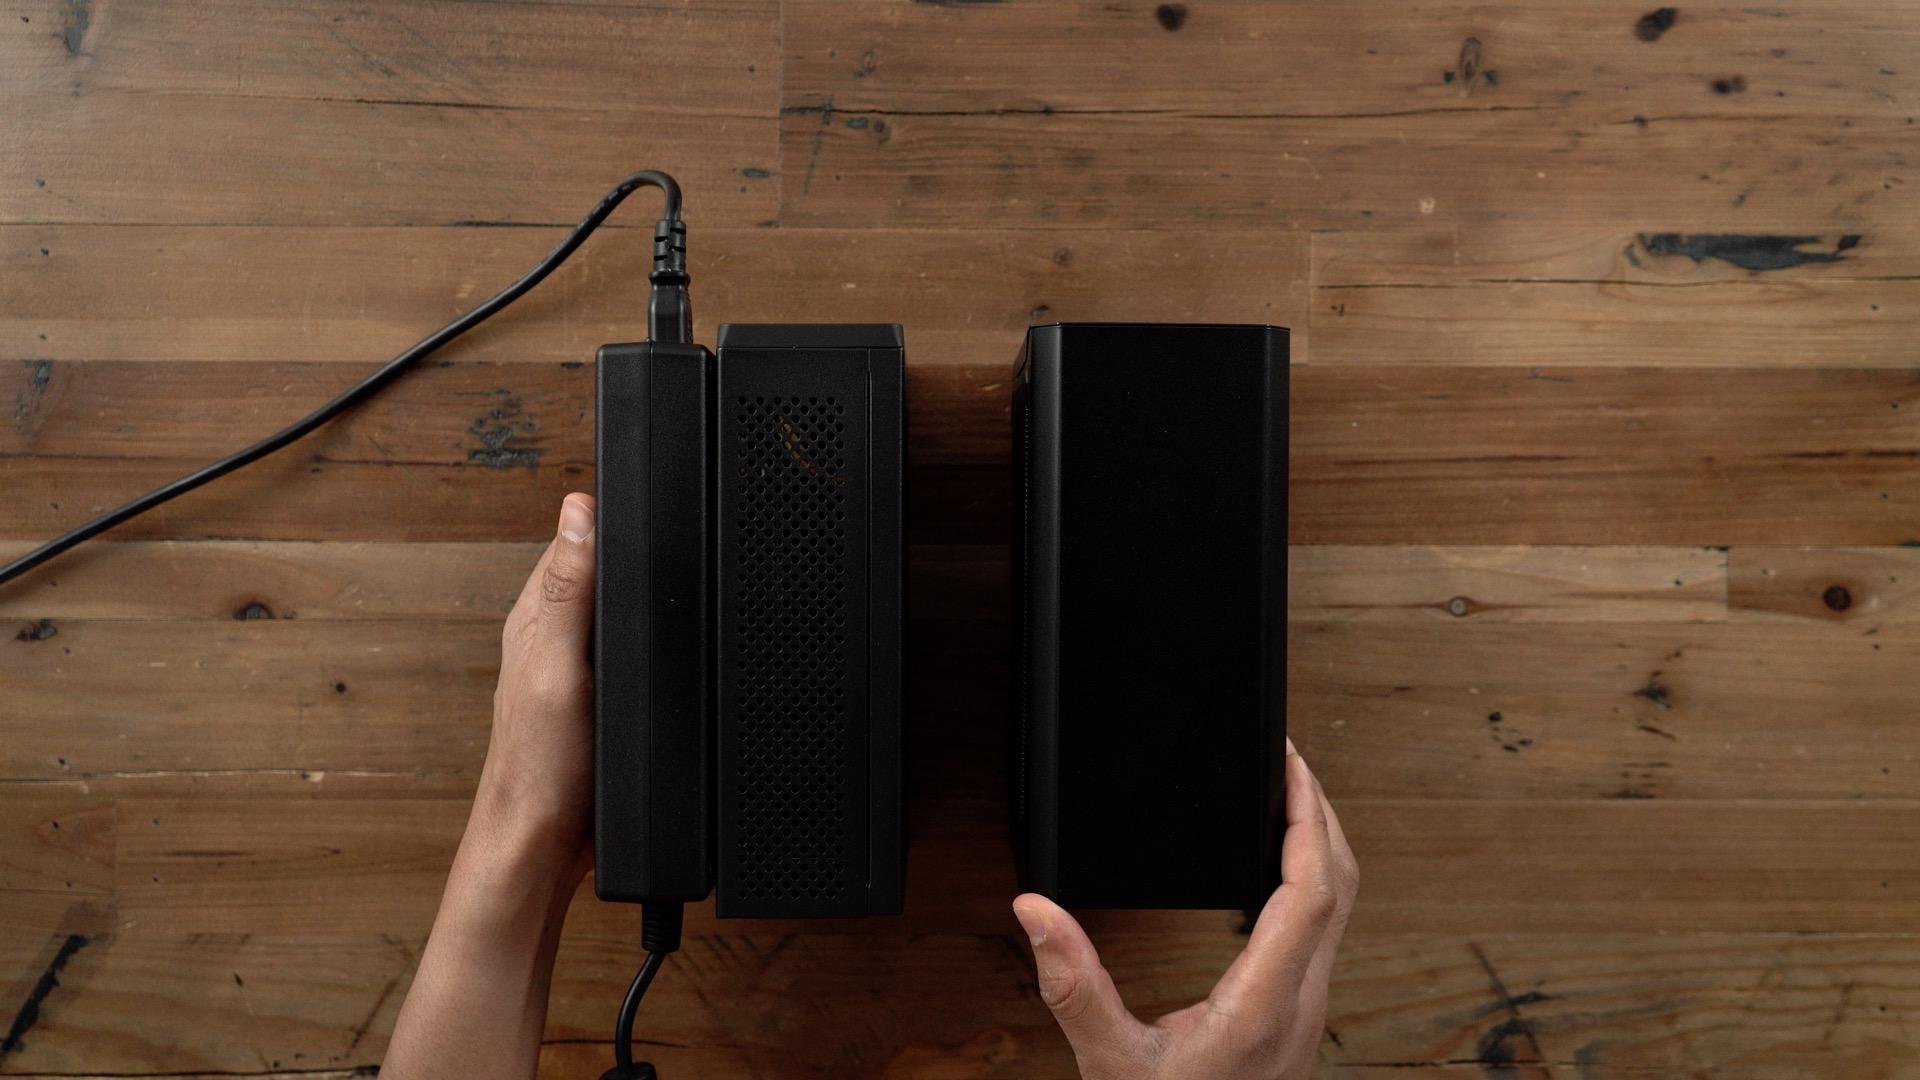 PowerColor Mini Pro eGPU RX 570 vs Gigabyte Gaming Box Top Profile